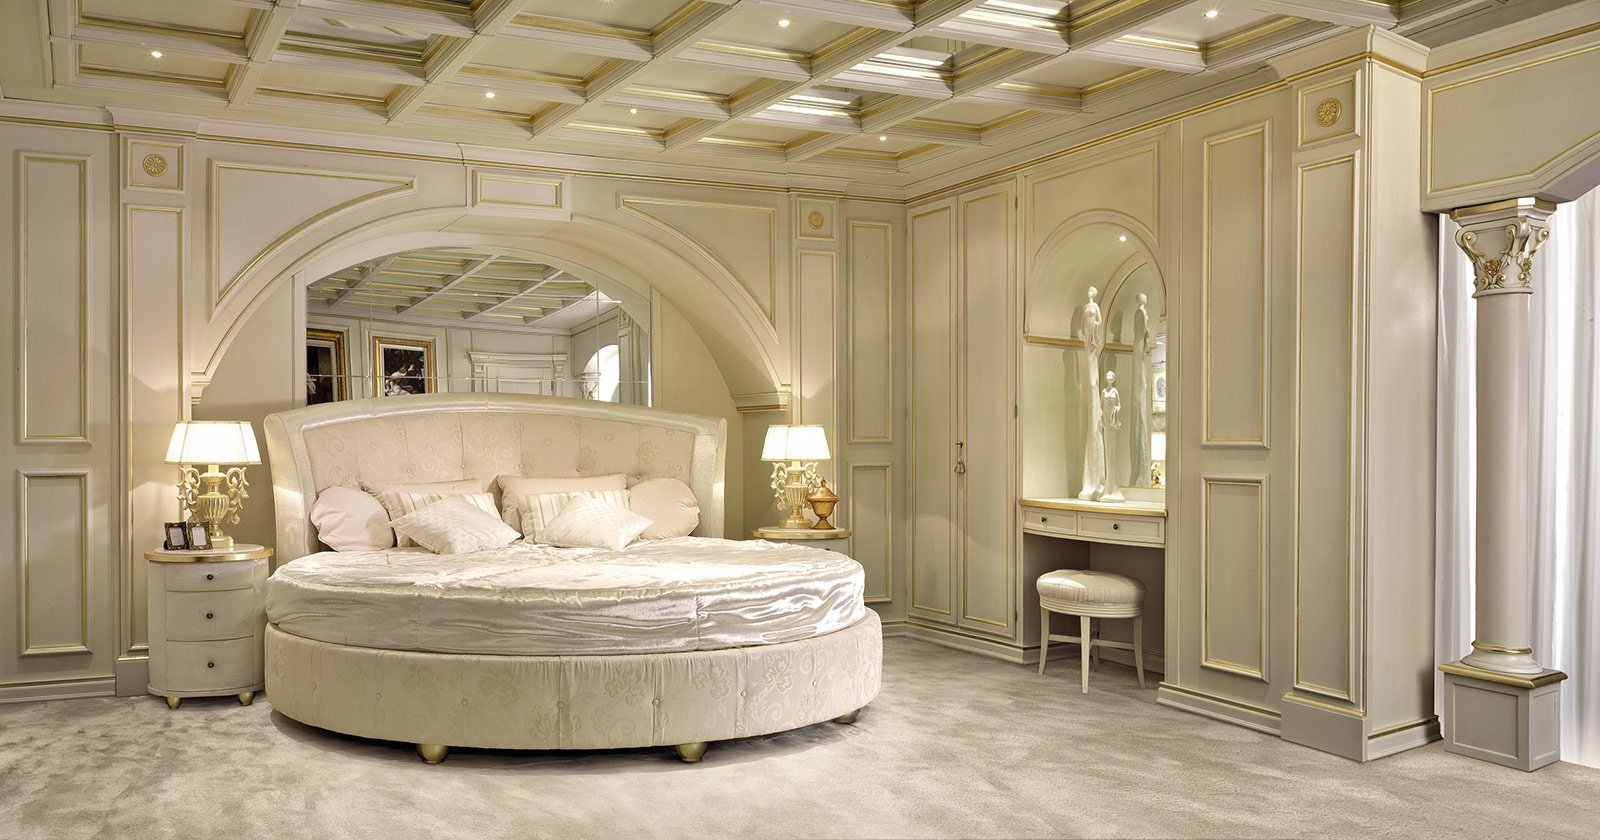 Letti classici per una camera tradizionale cose di casa - Stanze da letto usate ...